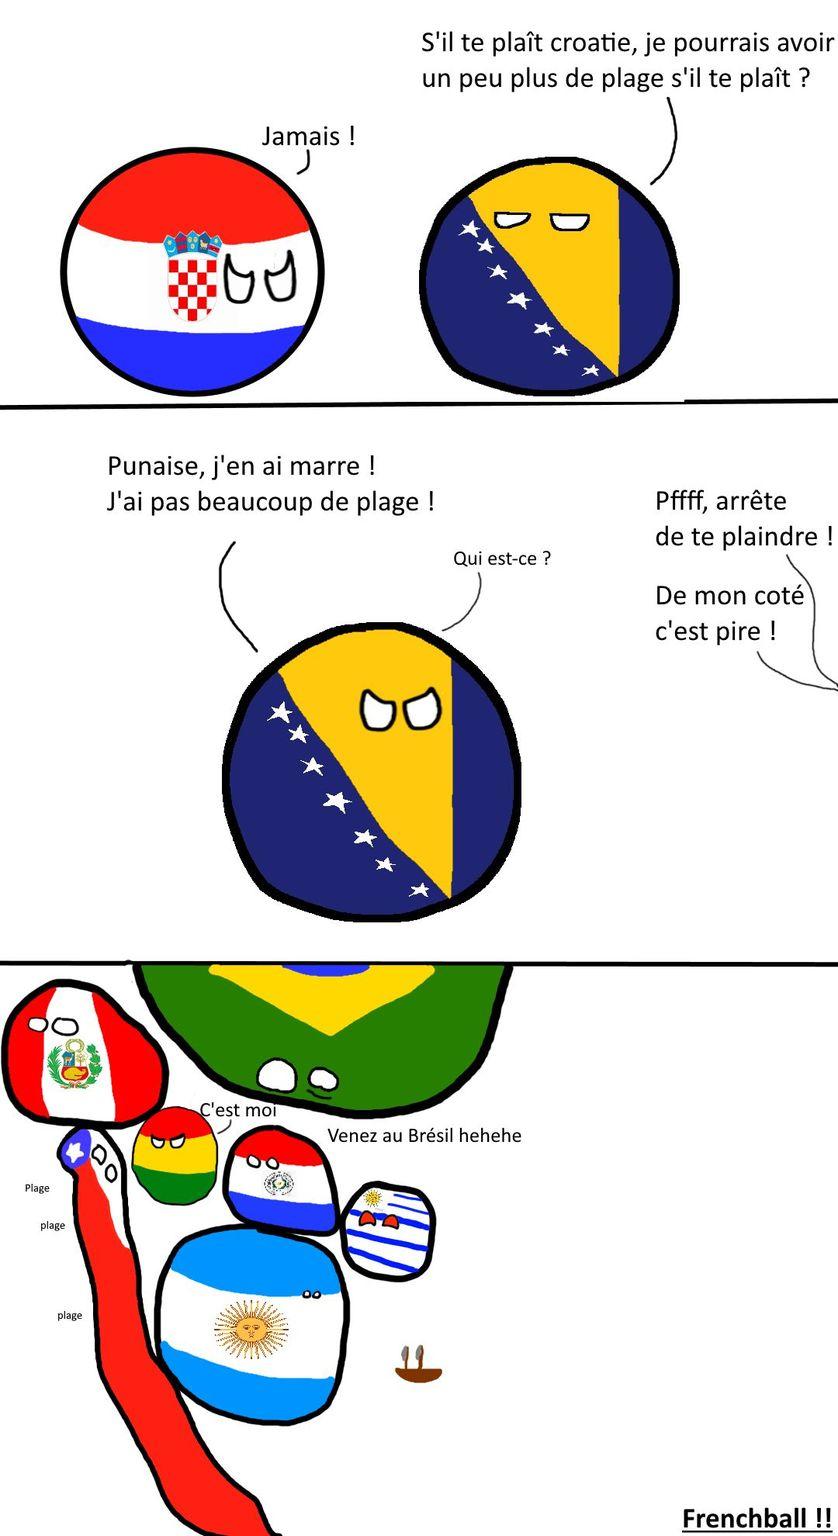 Meme Maison !